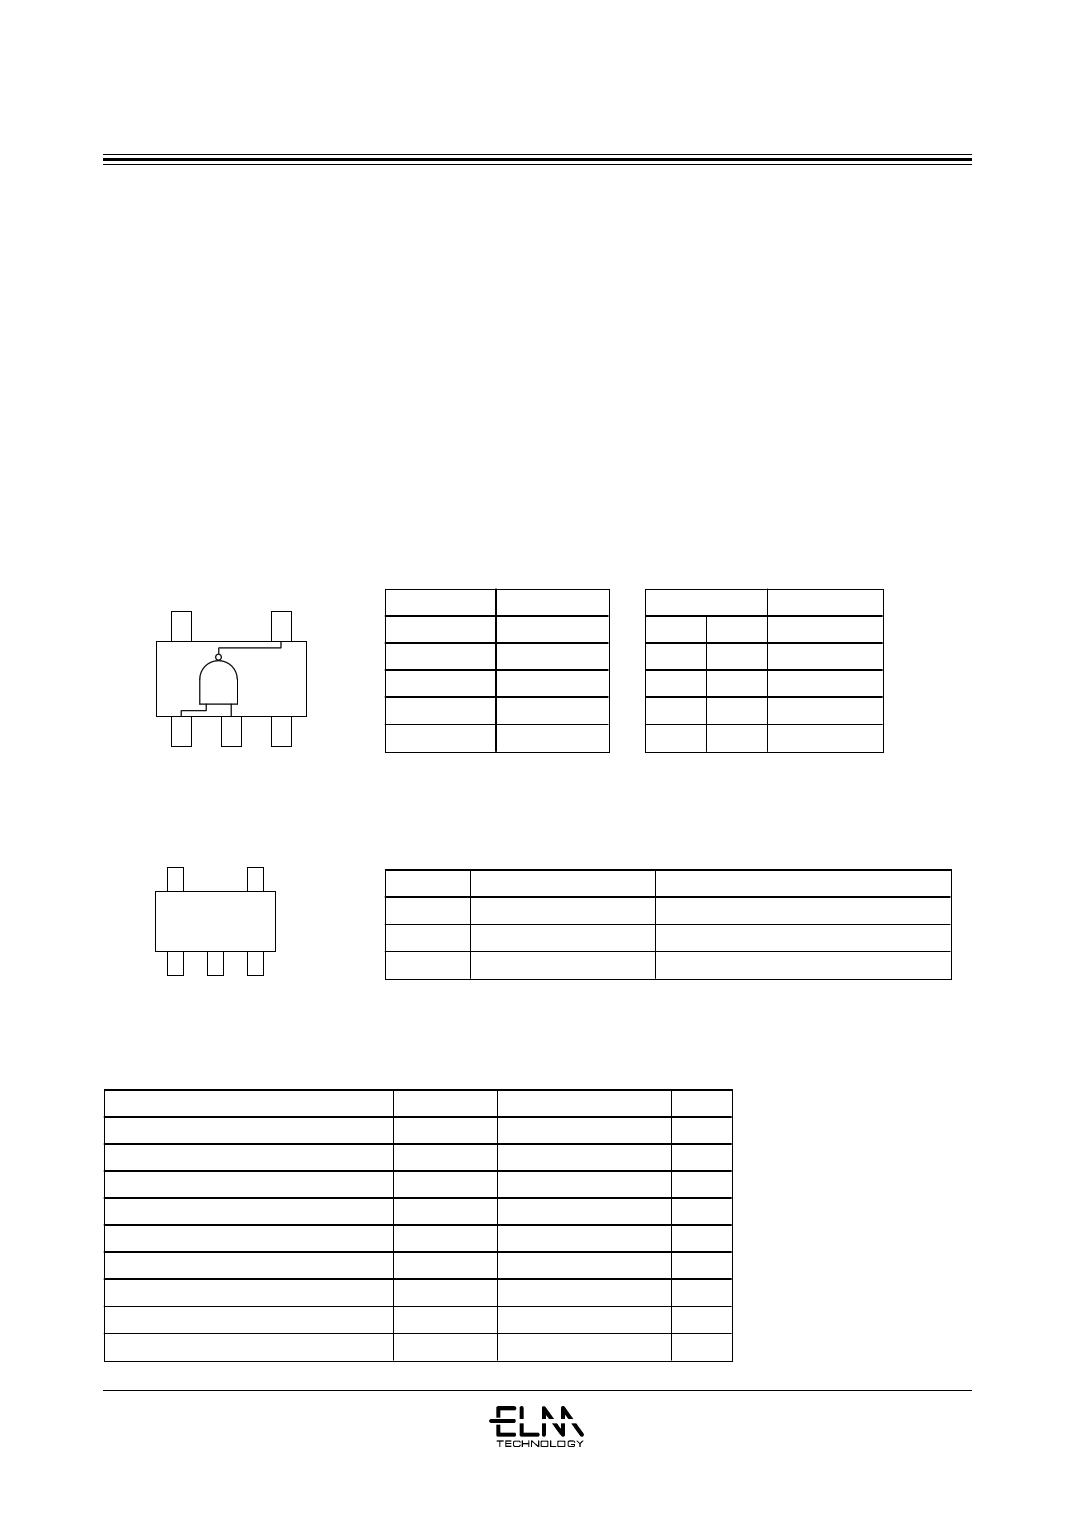 ELM7S00B pdf, ピン配列